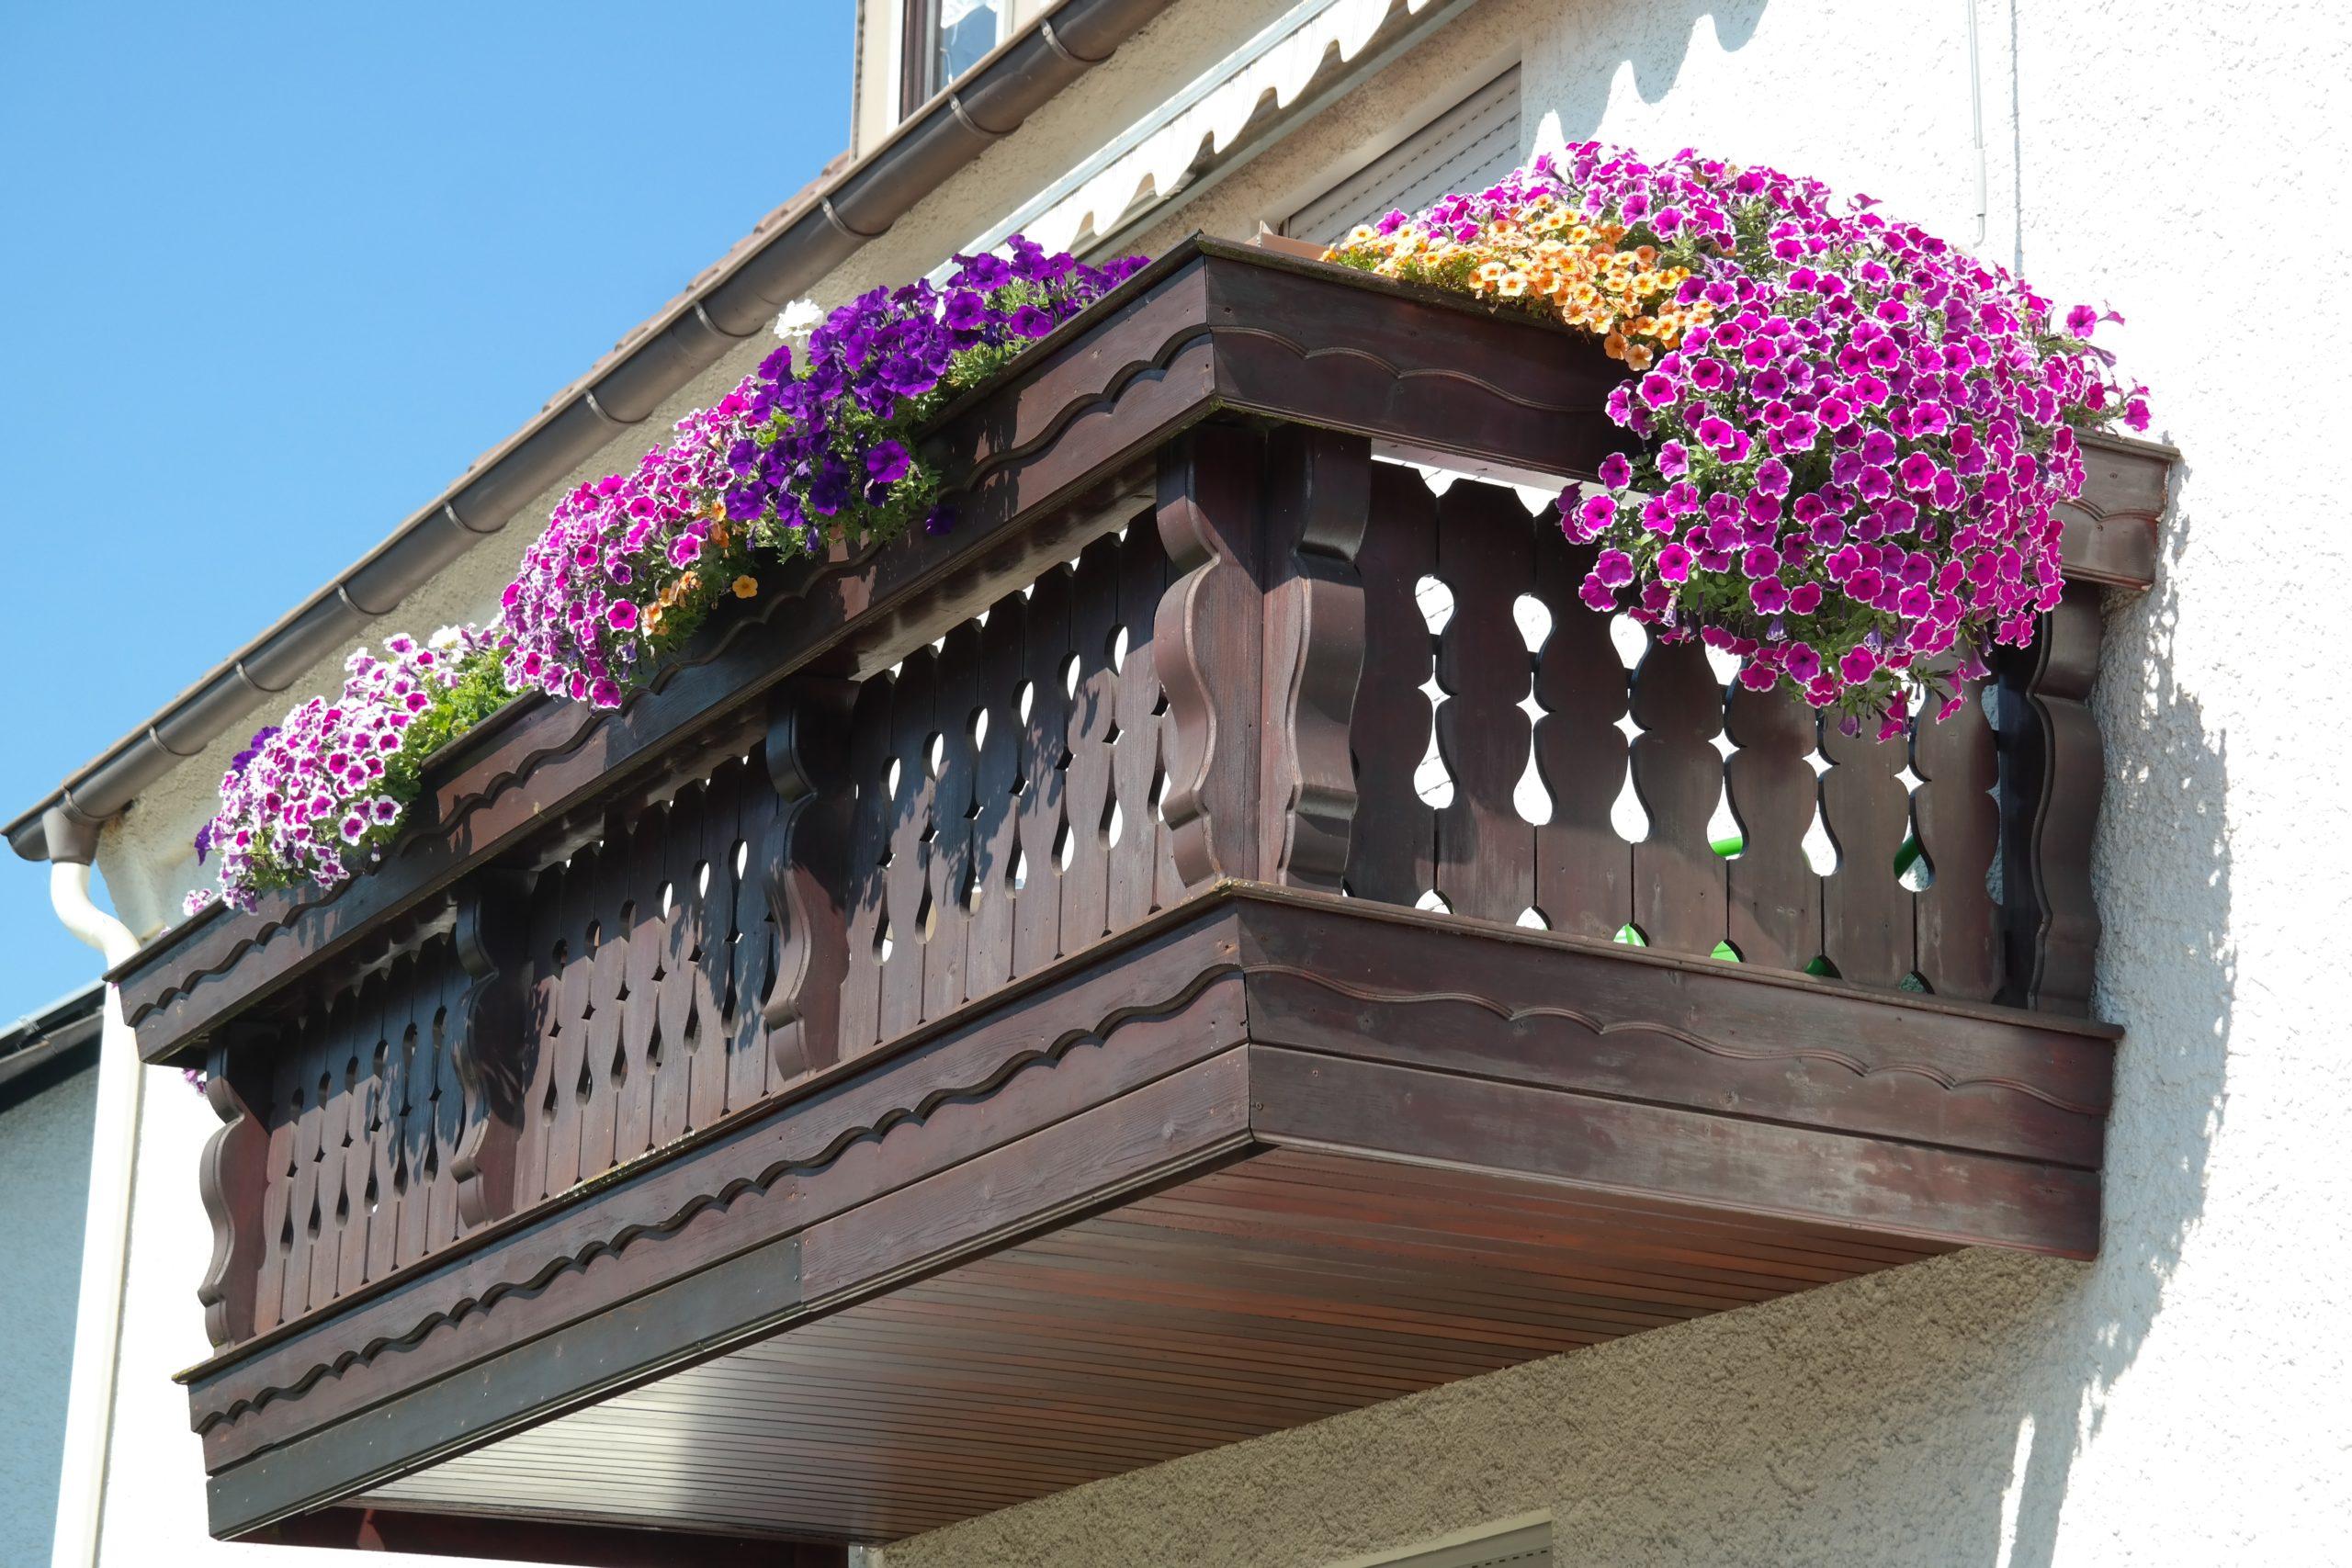 Tutti i segreti per avere meravigliosi balconi fioriti